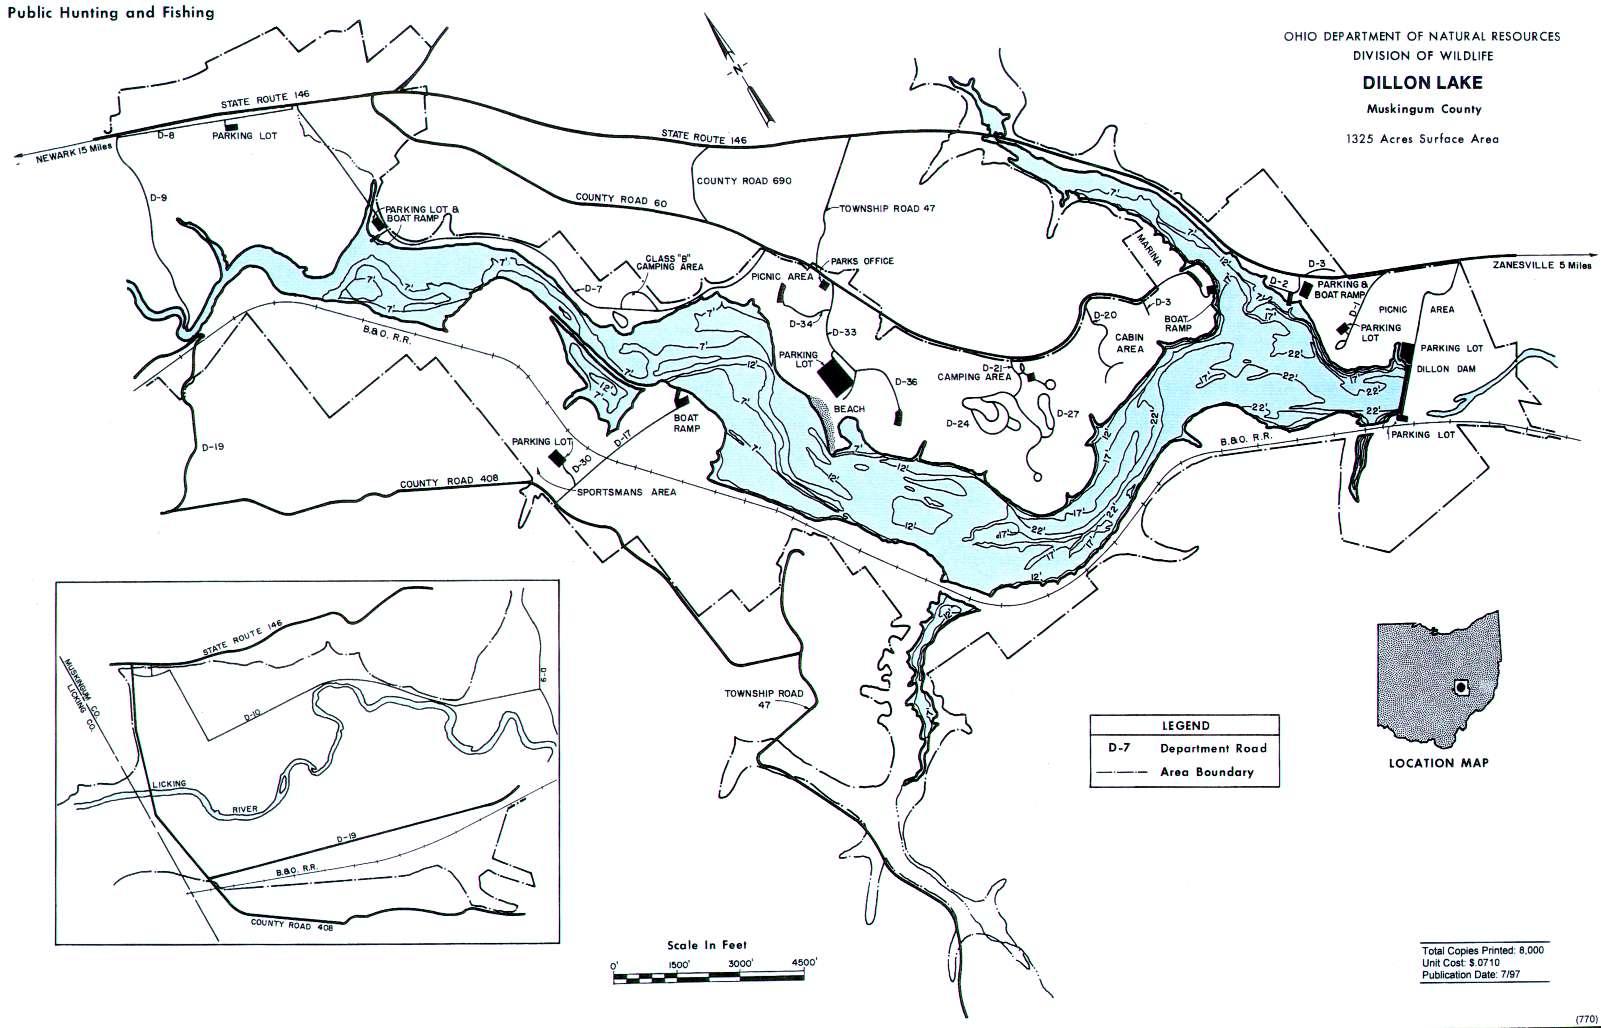 Dillon Lake Fishing Map - GoFishOhio